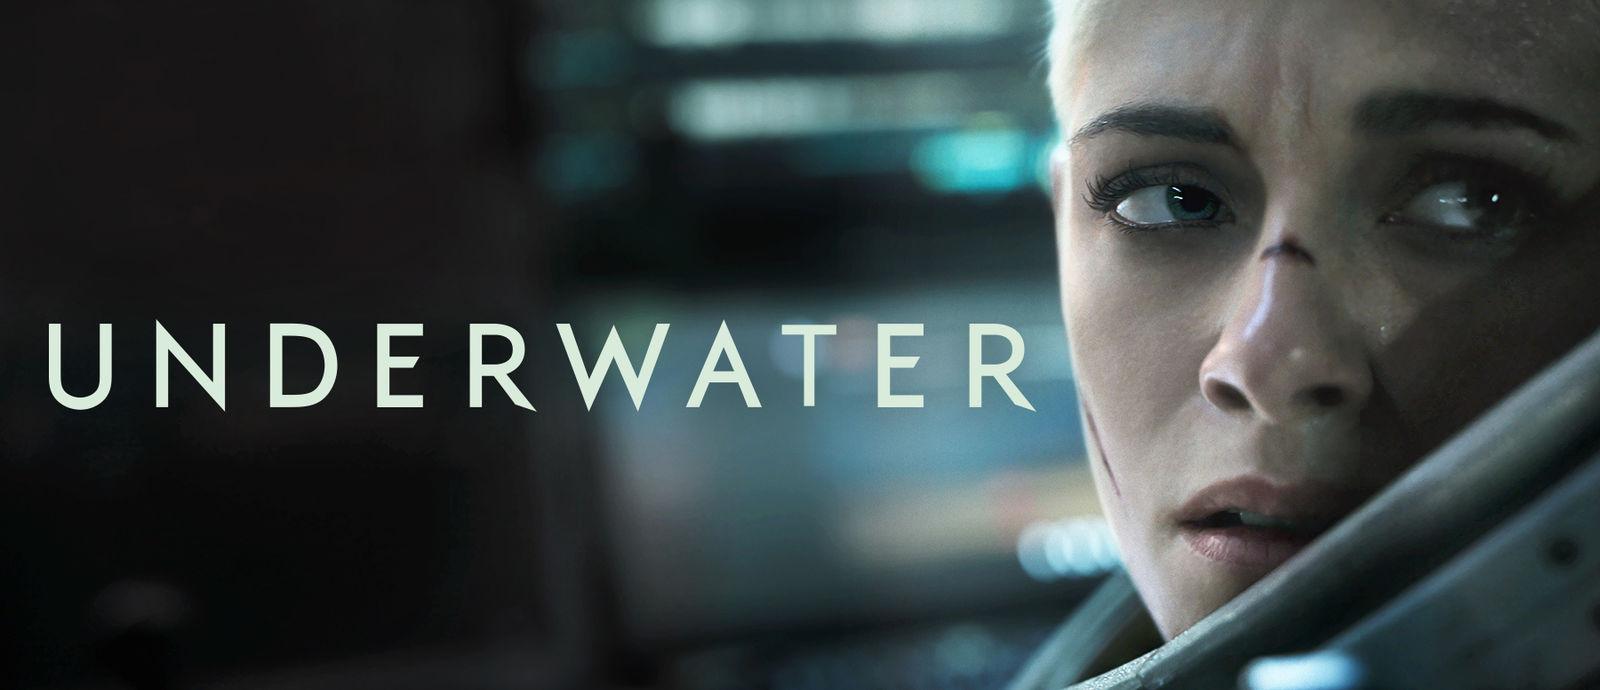 underwater-destaque.jpg